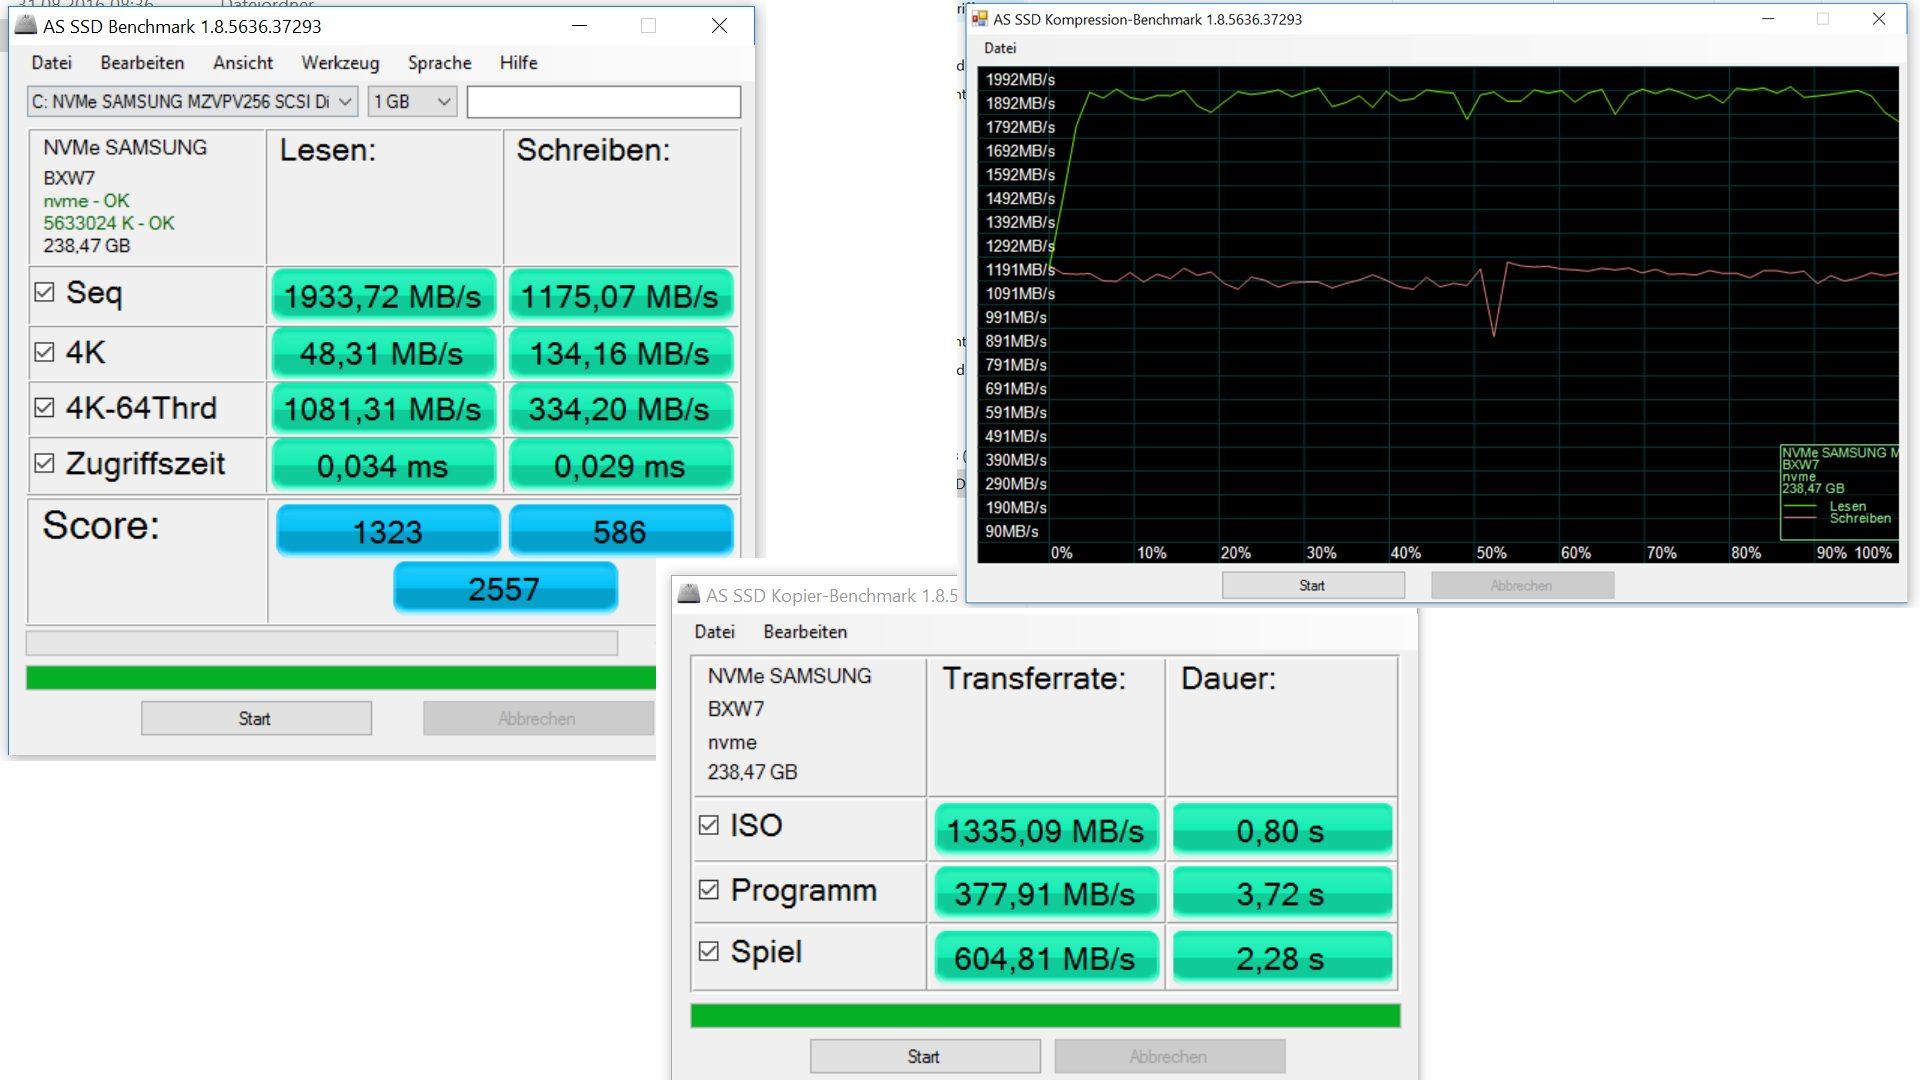 schenker-xmg-p507-drk-benchmark_8